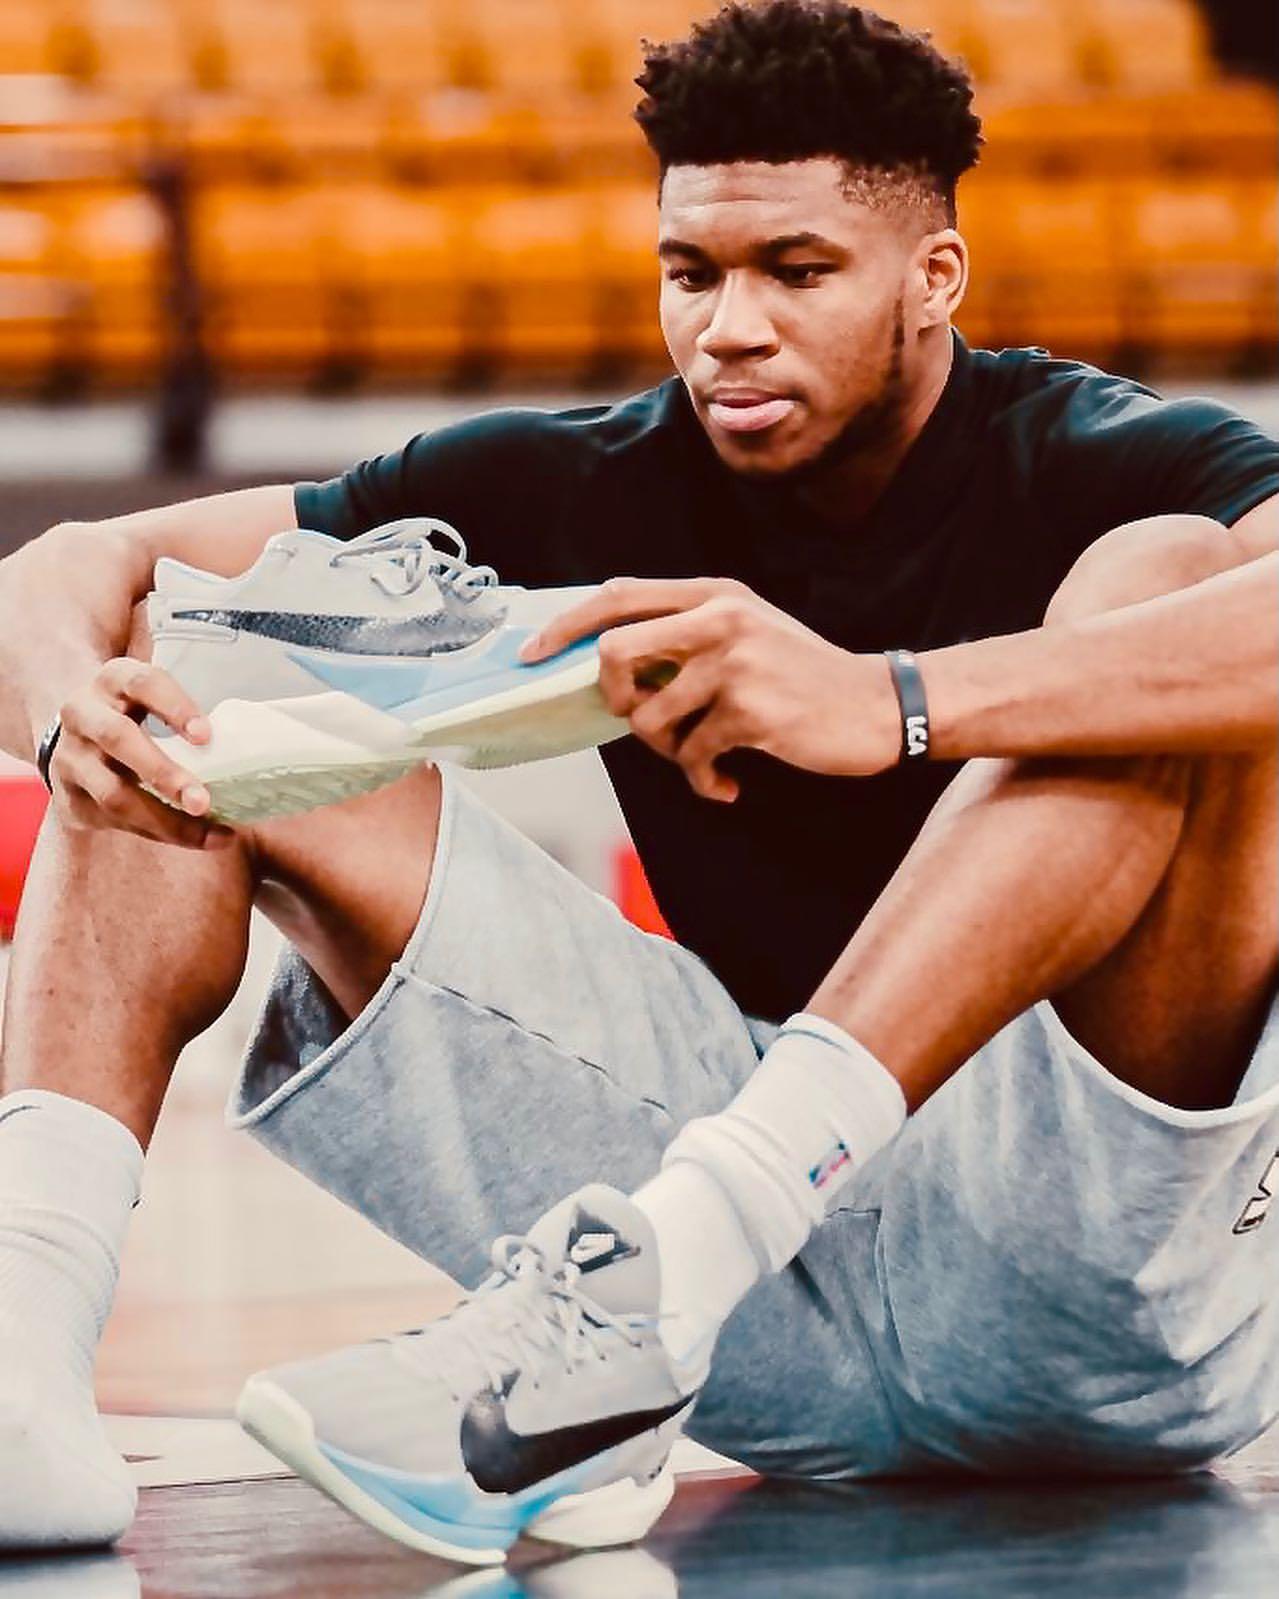 字母哥:每次踏上球场都能穿自己的签名鞋,我很幸福